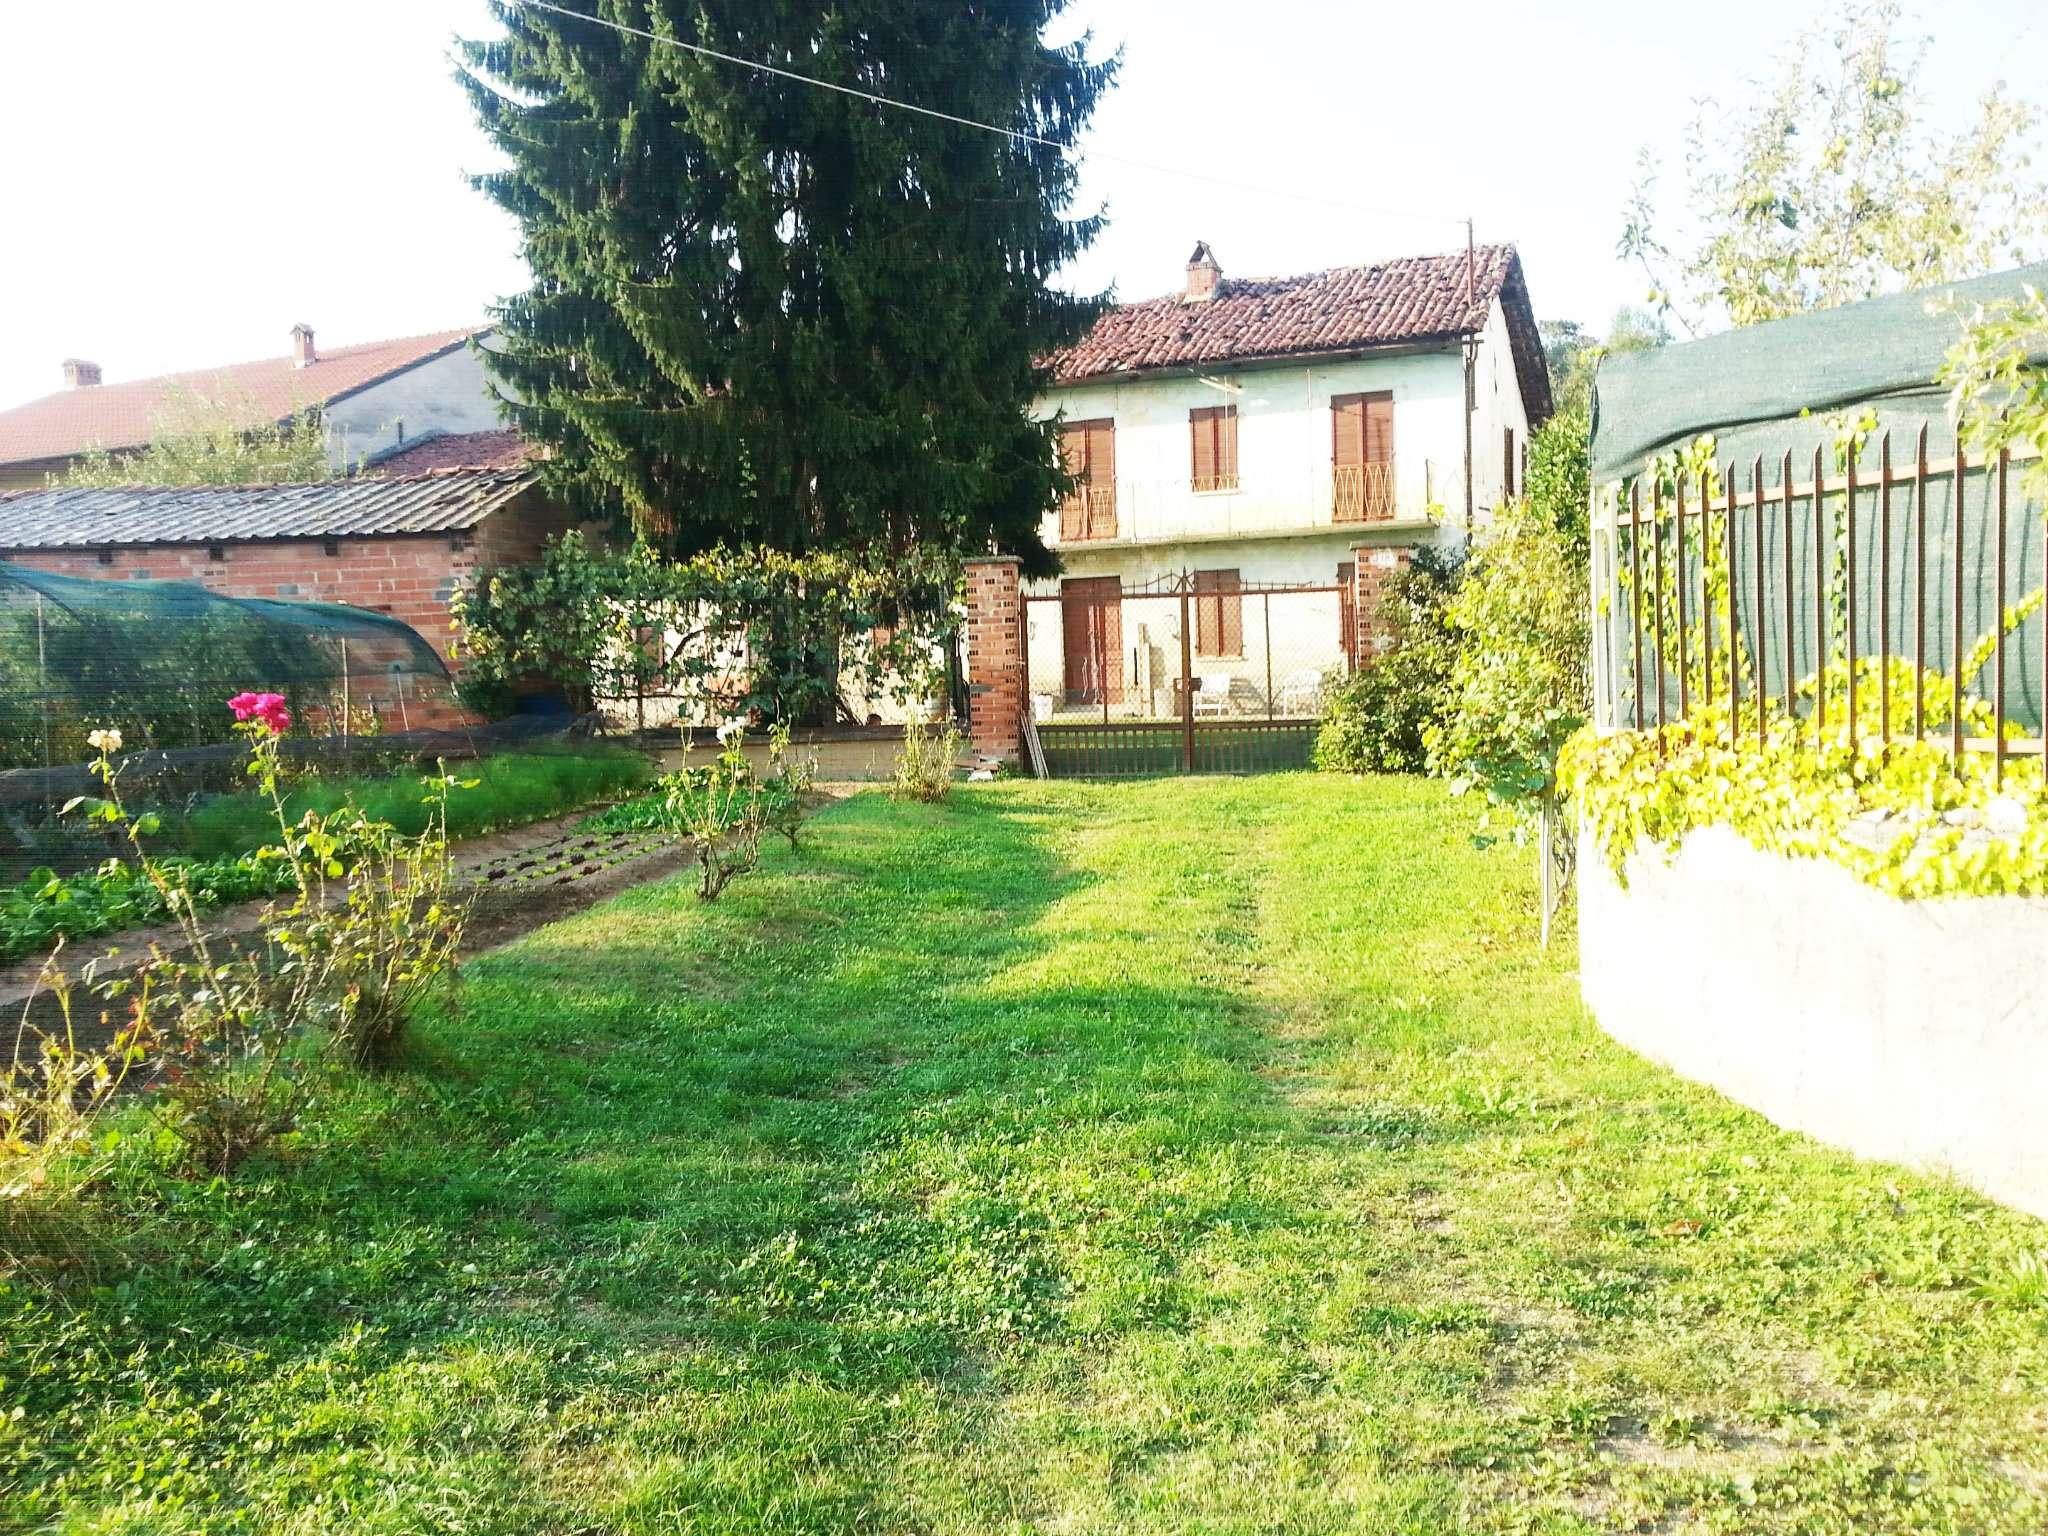 Rustico / Casale in vendita a Moncalieri, 9999 locali, prezzo € 545.000 | Cambio Casa.it